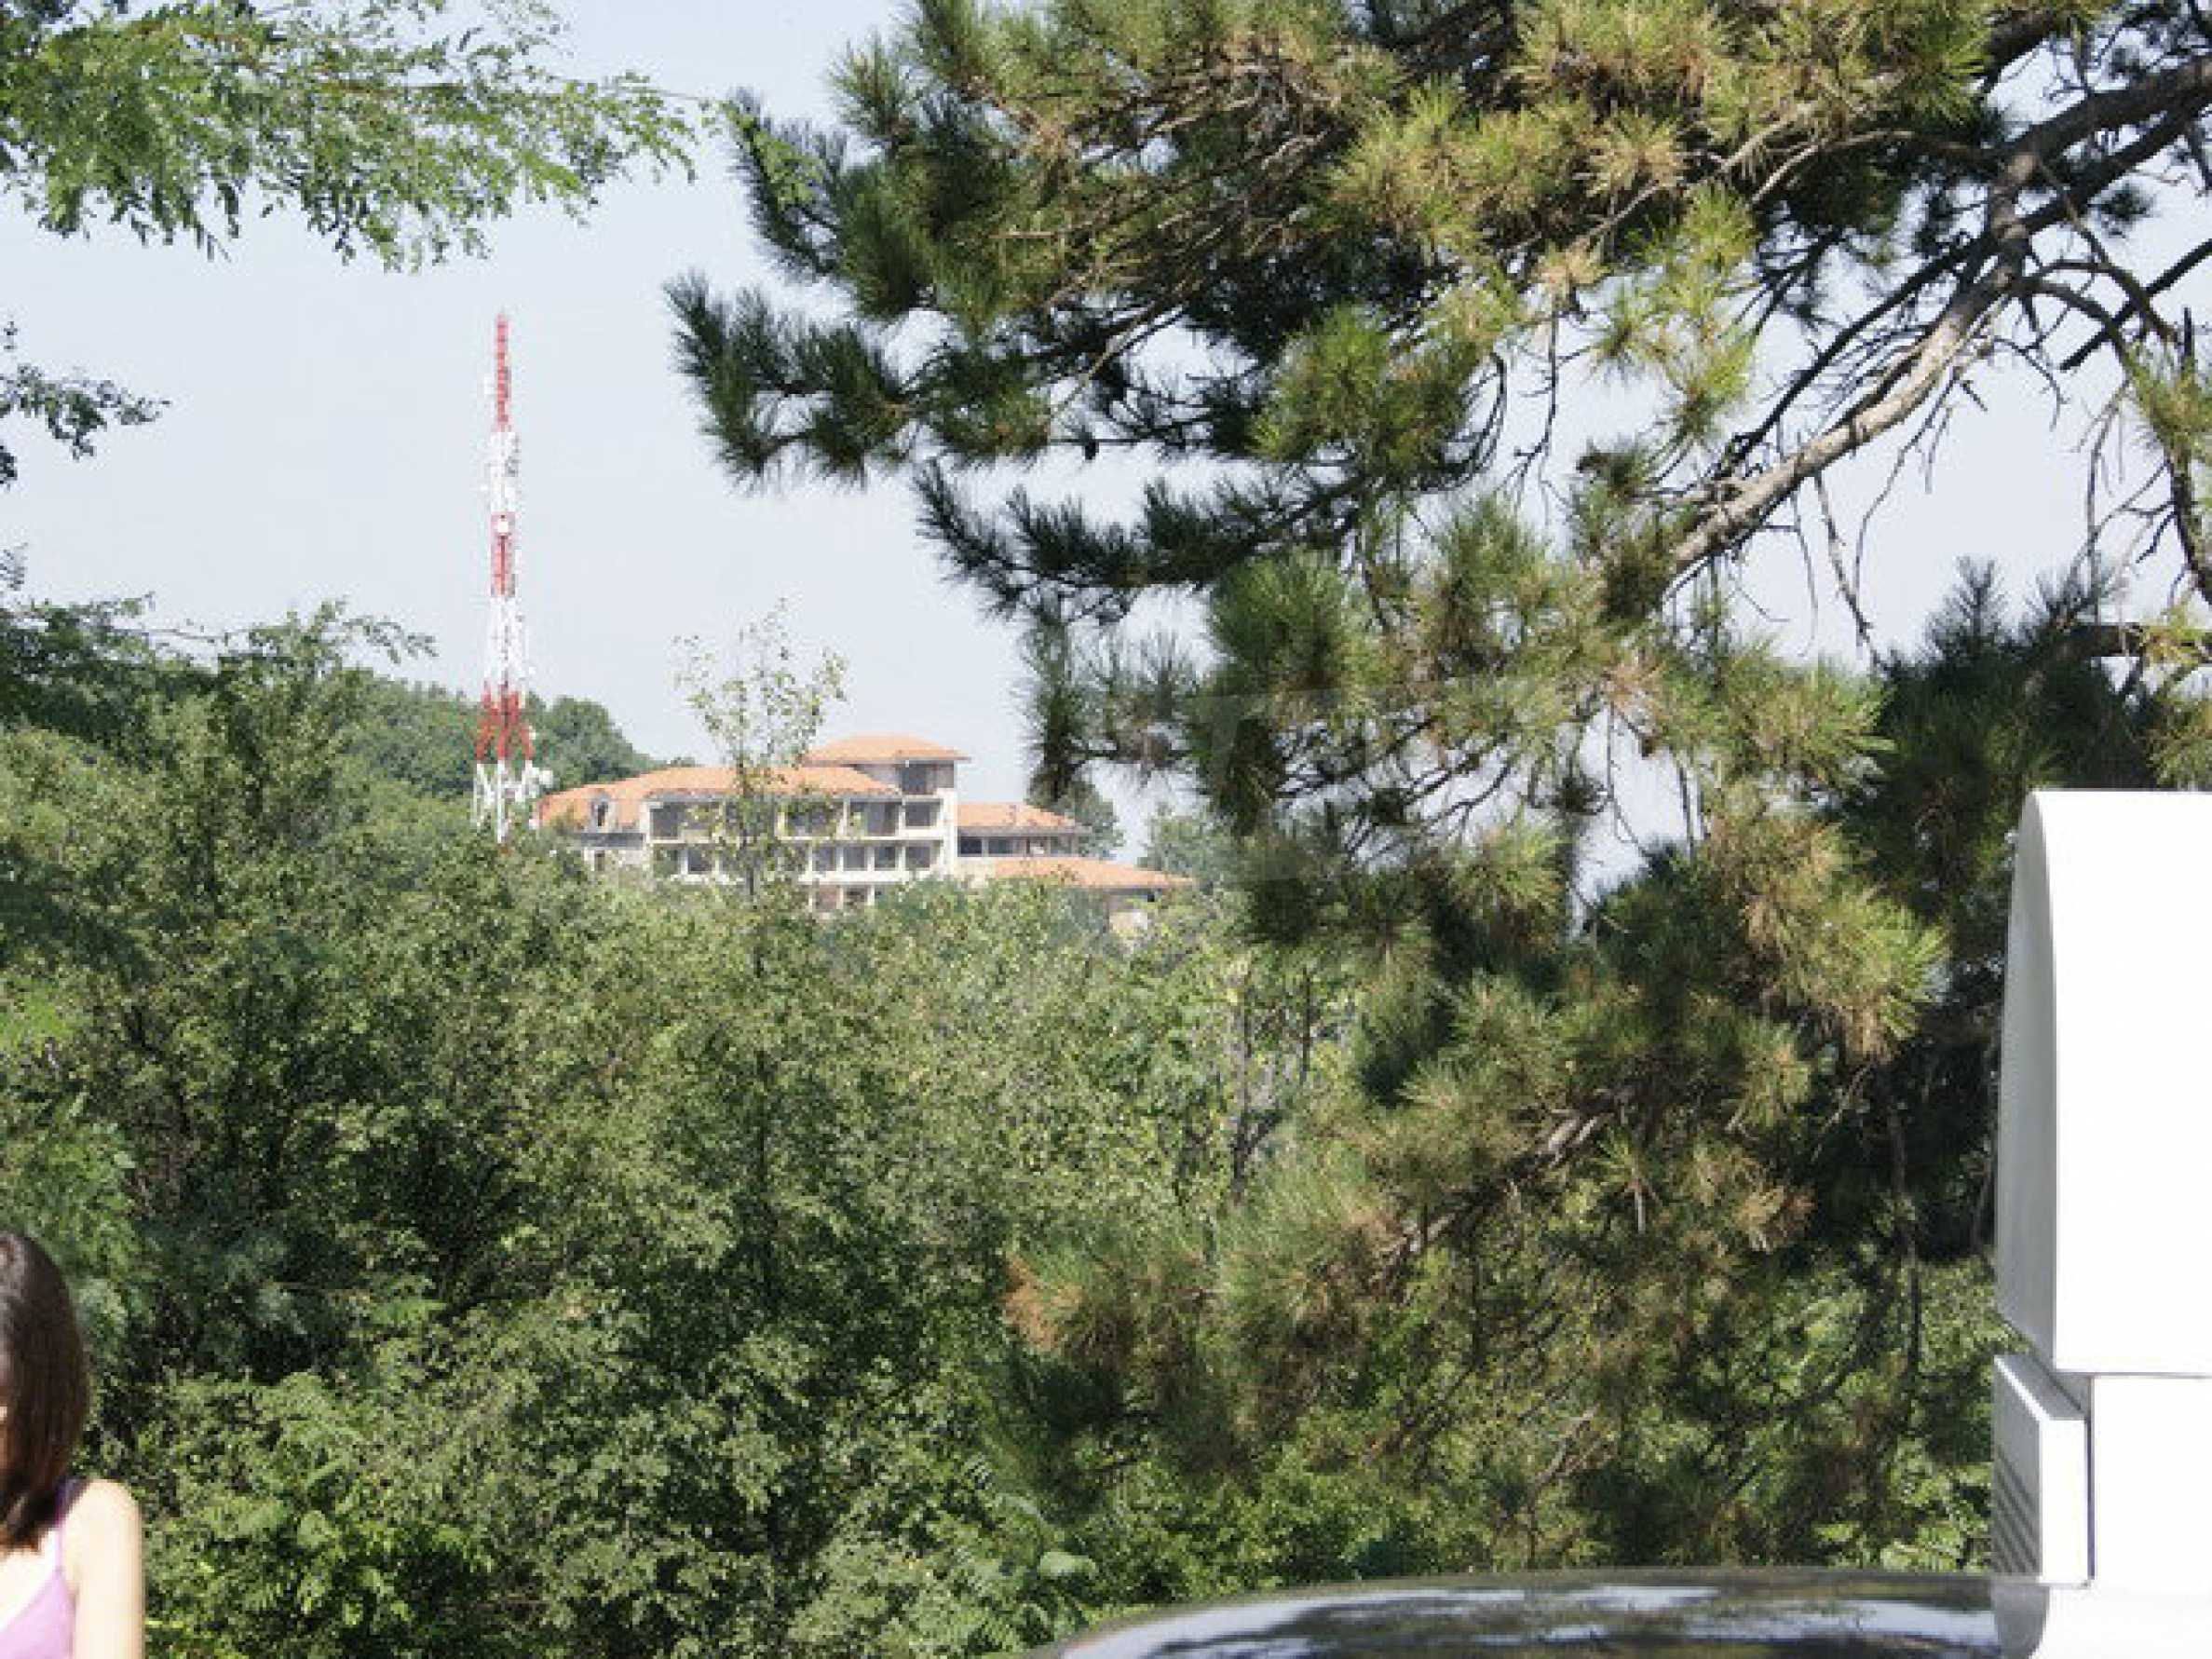 Raues Bauhotel mit herrlicher Aussicht in der Nähe von Veliko Tarnovo 23